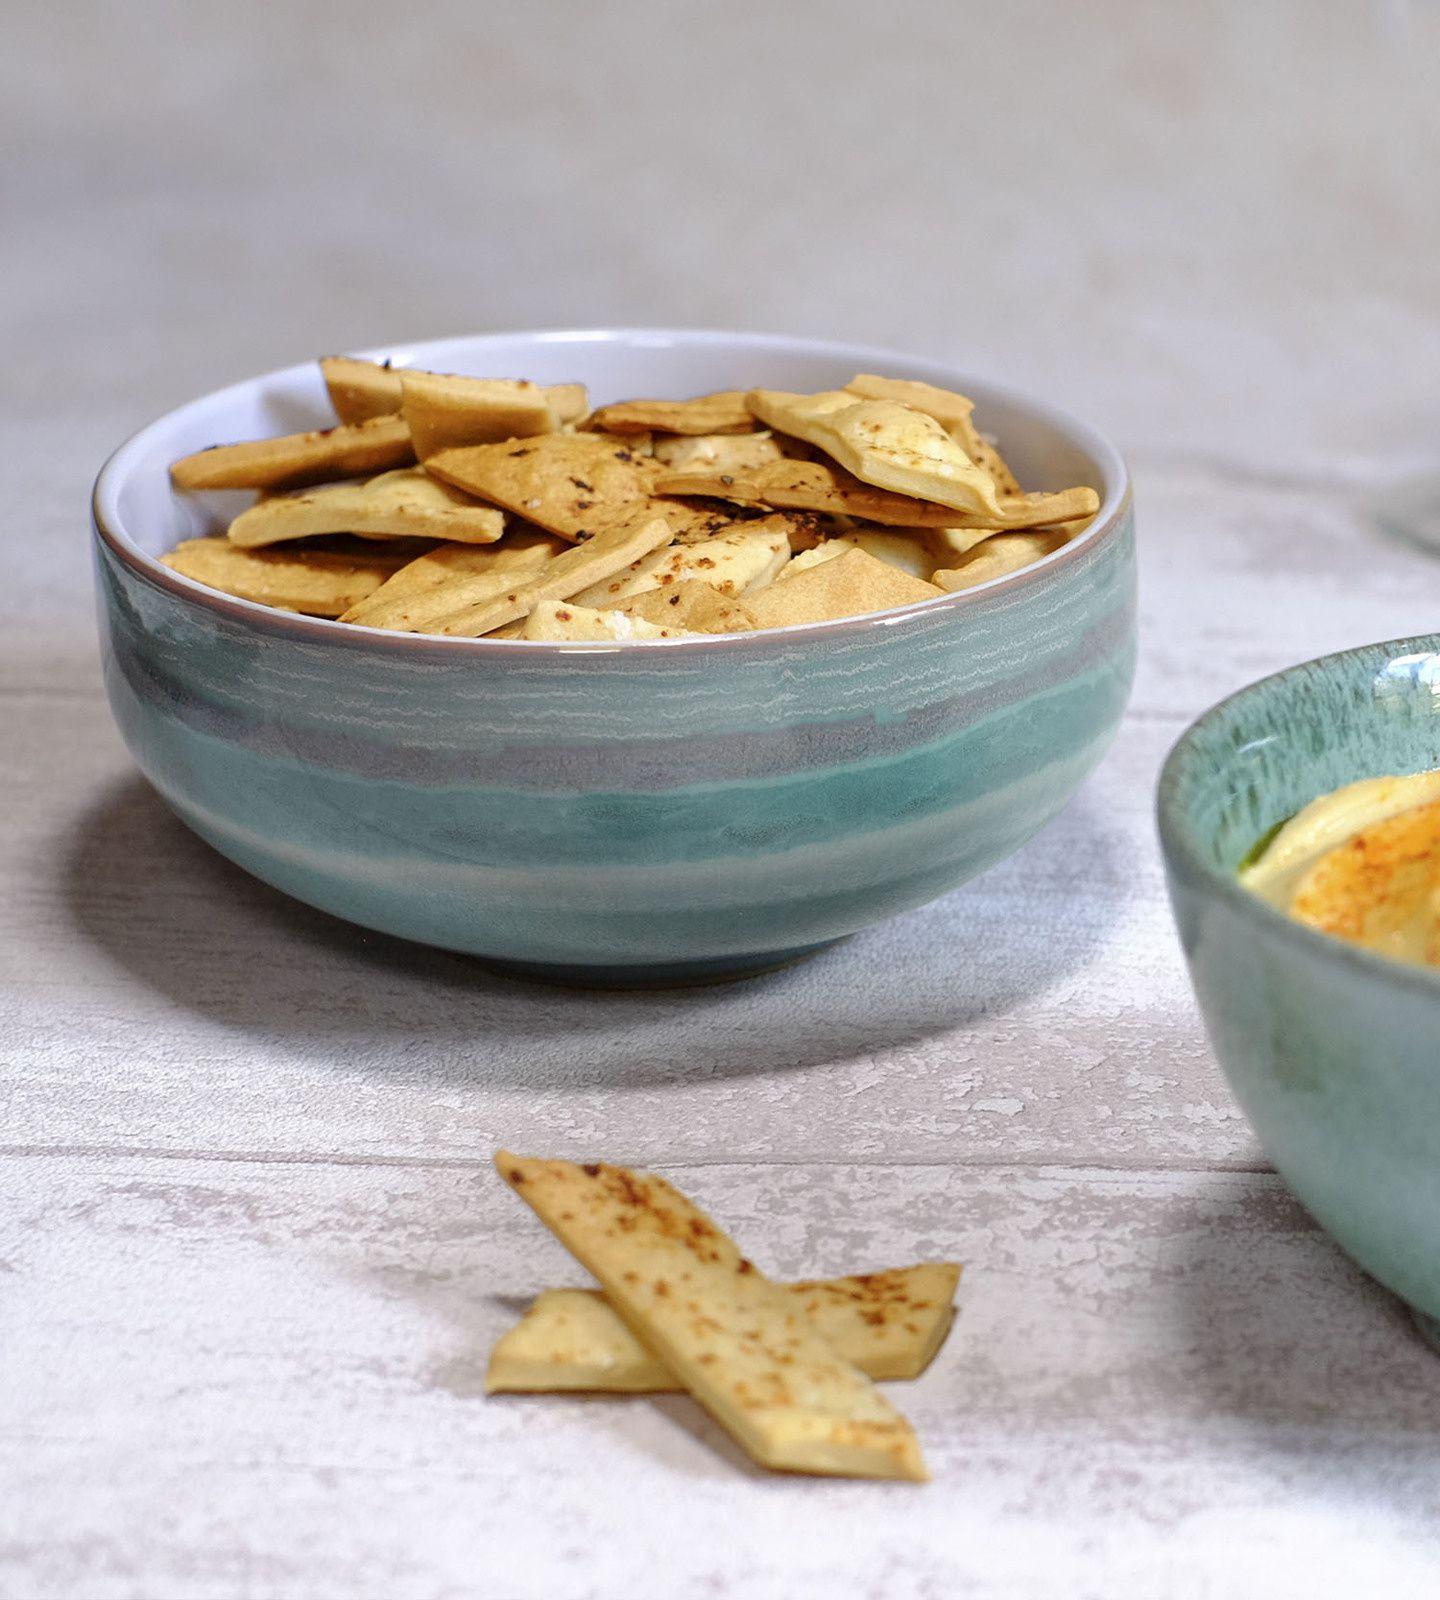 Tartinade : crème de haricots tarbais (comme un houmous) et crackers à l'huile d'olive